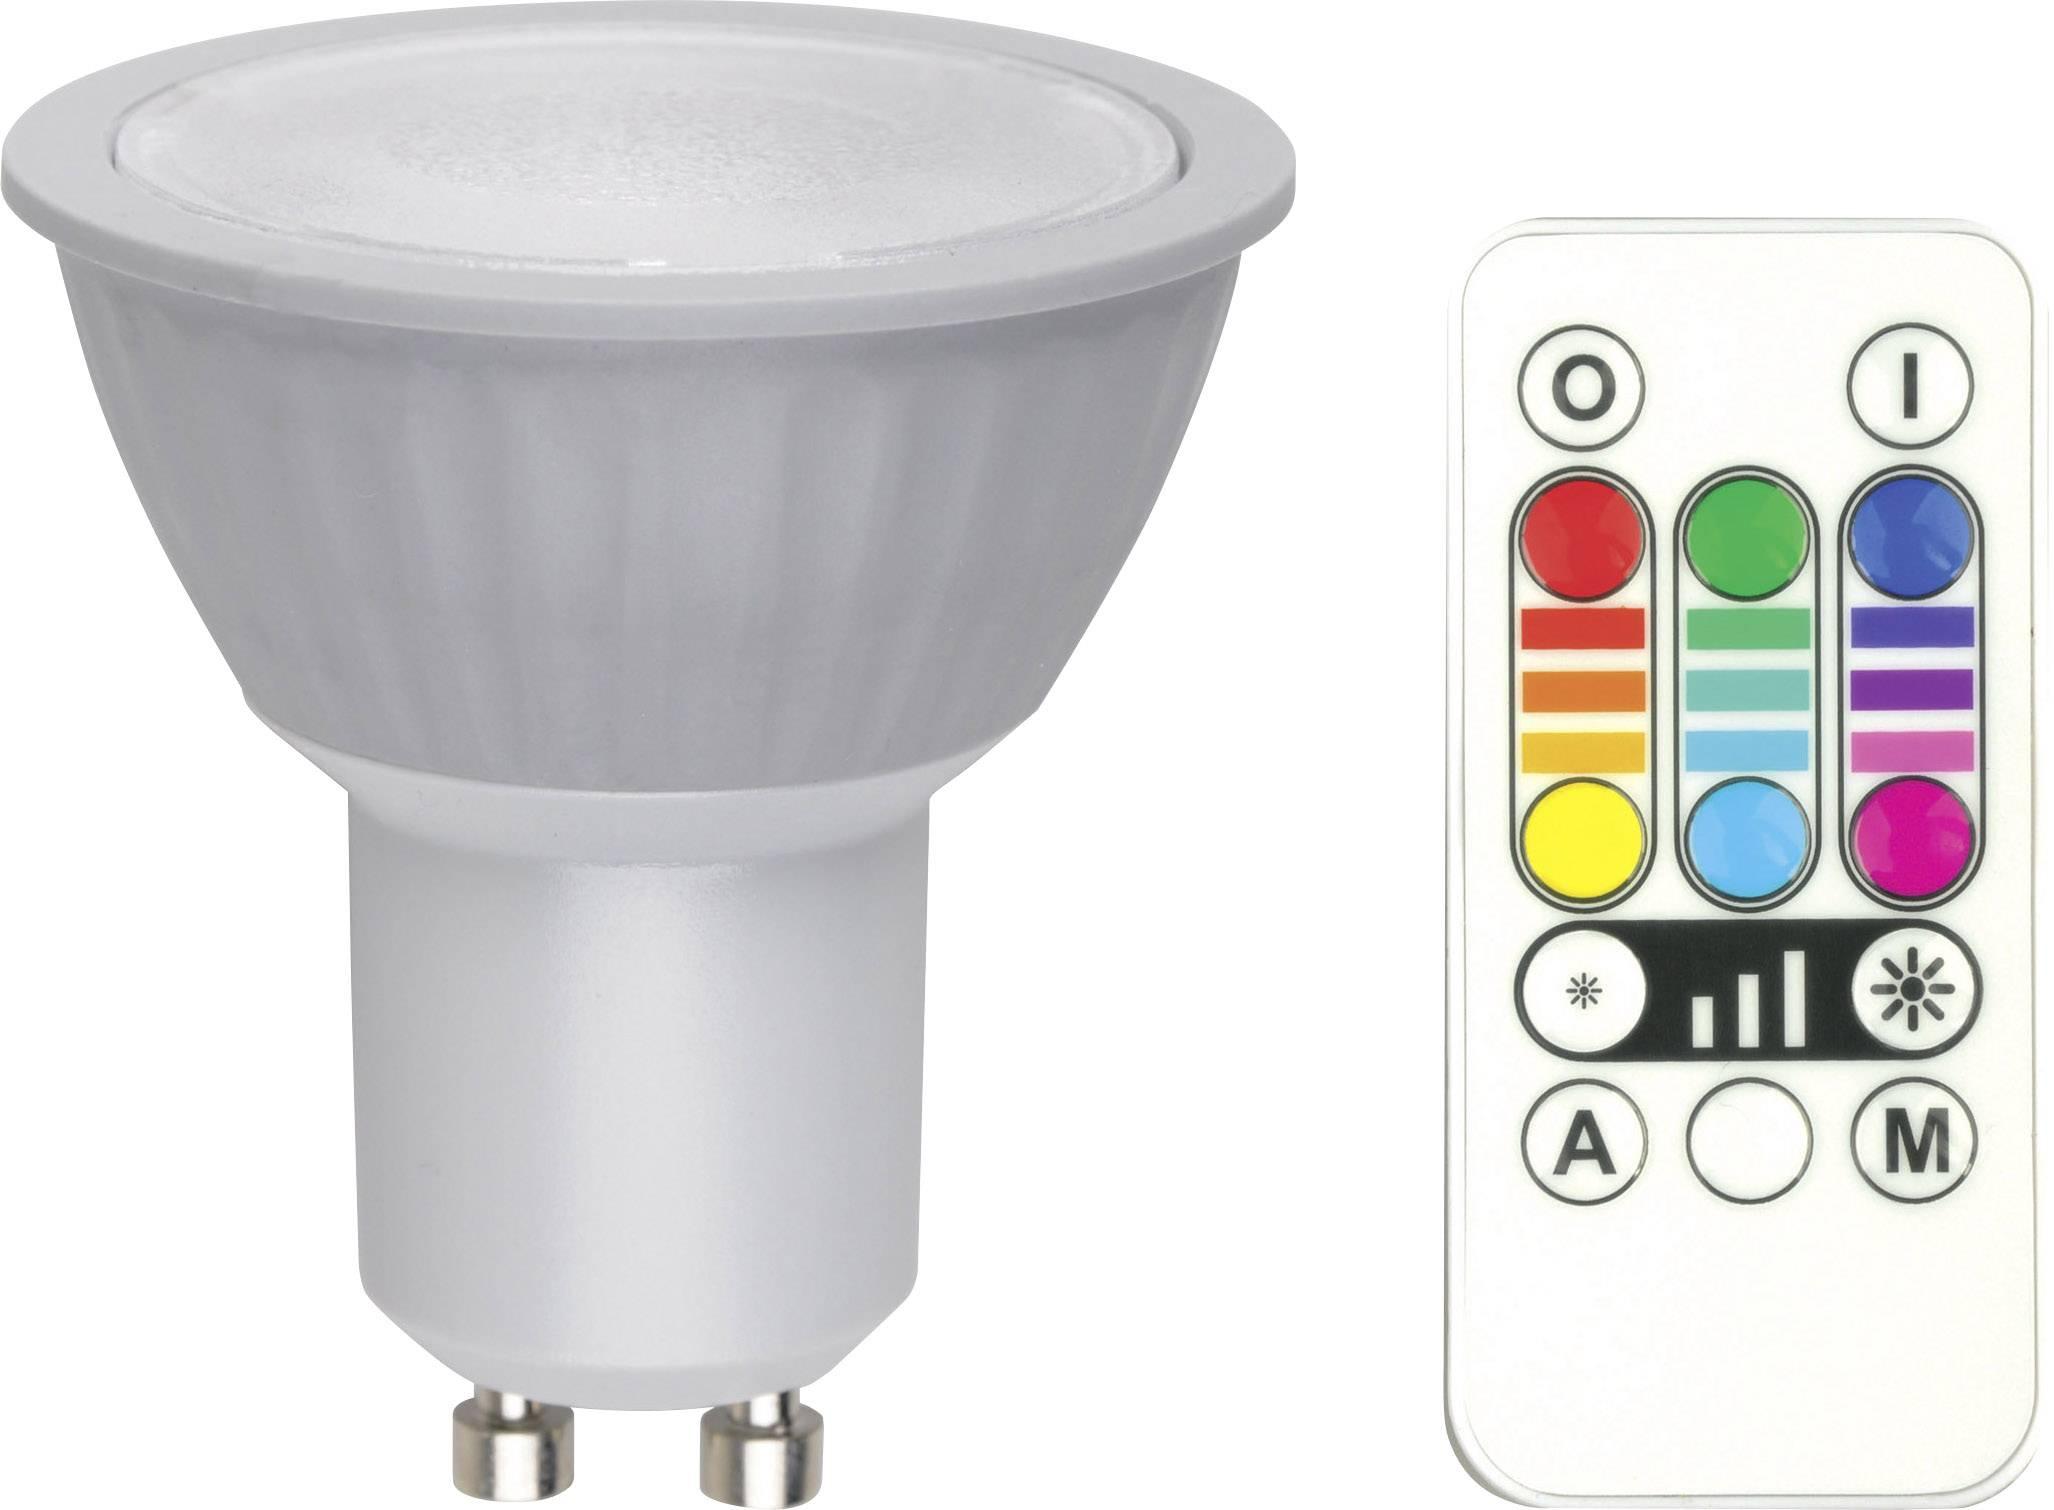 Lampen Op Afstandsbediening : 1168138 led lamp gu10 reflector 3.2 w = 25 w rgb dimbaar